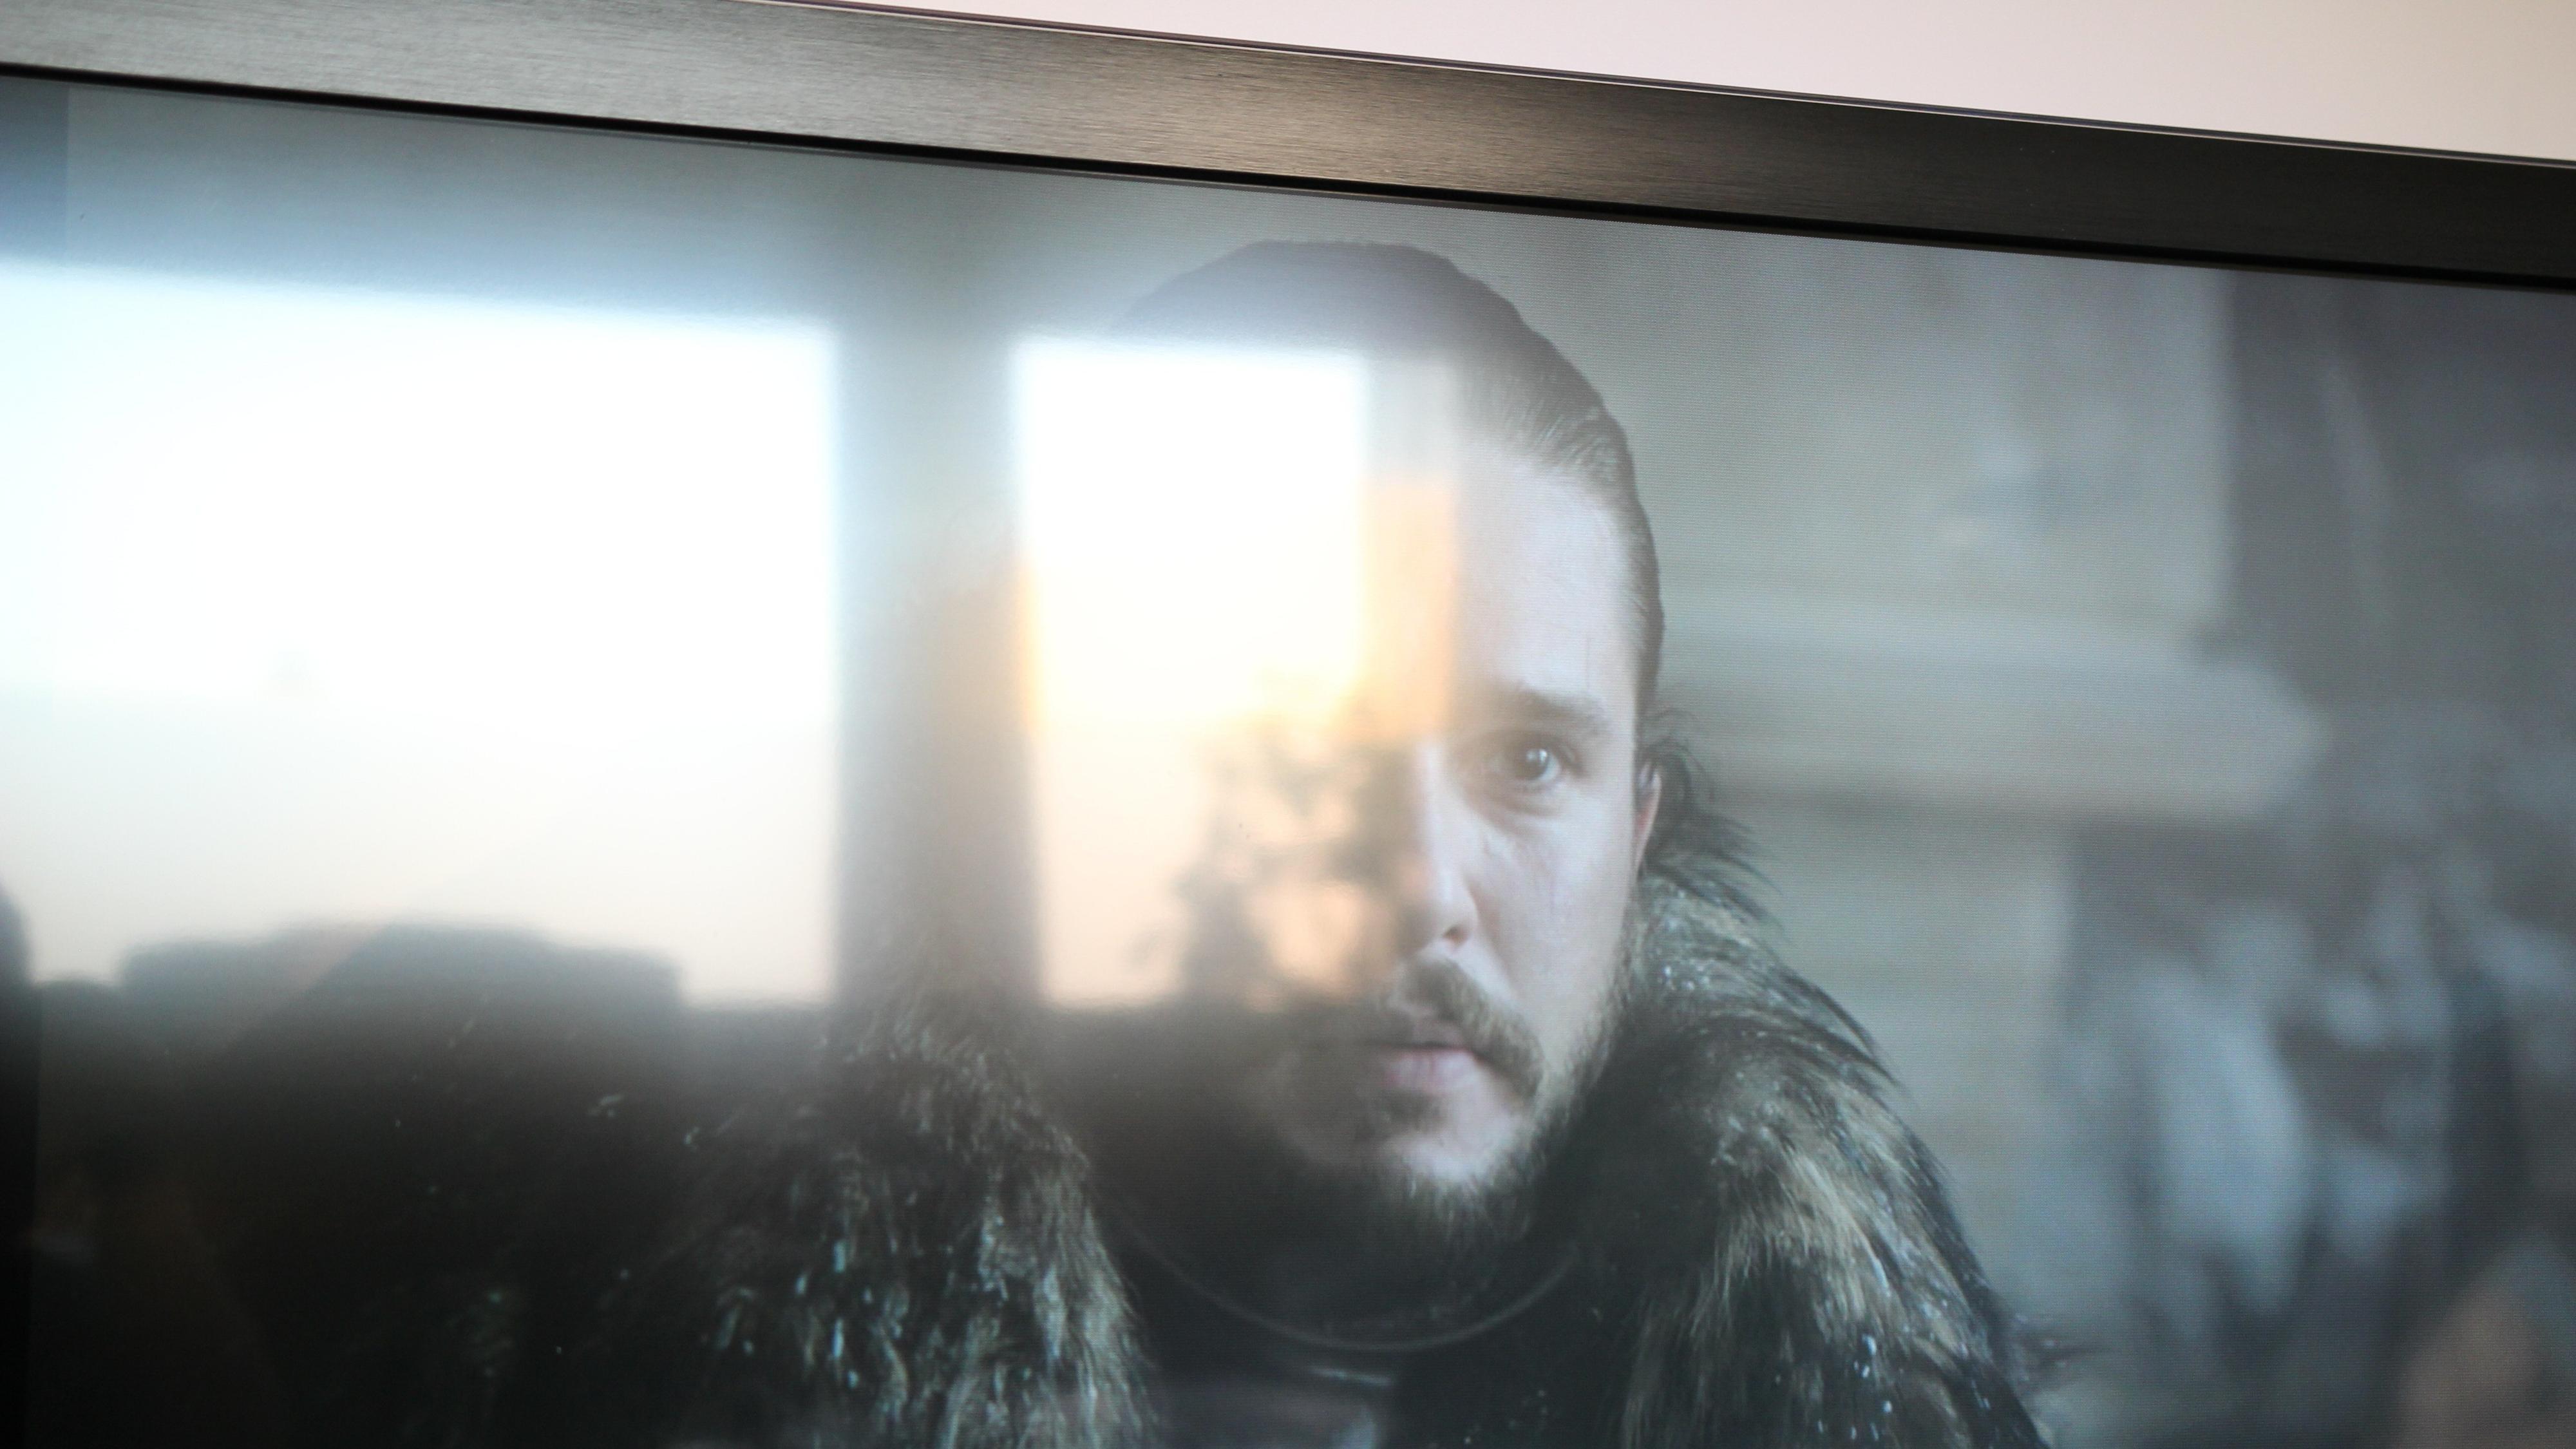 Denne scenen var visst viktig. Dessverre fikk Jon Snow og jeg for det meste se lyset som reflekteres i TV-en min.